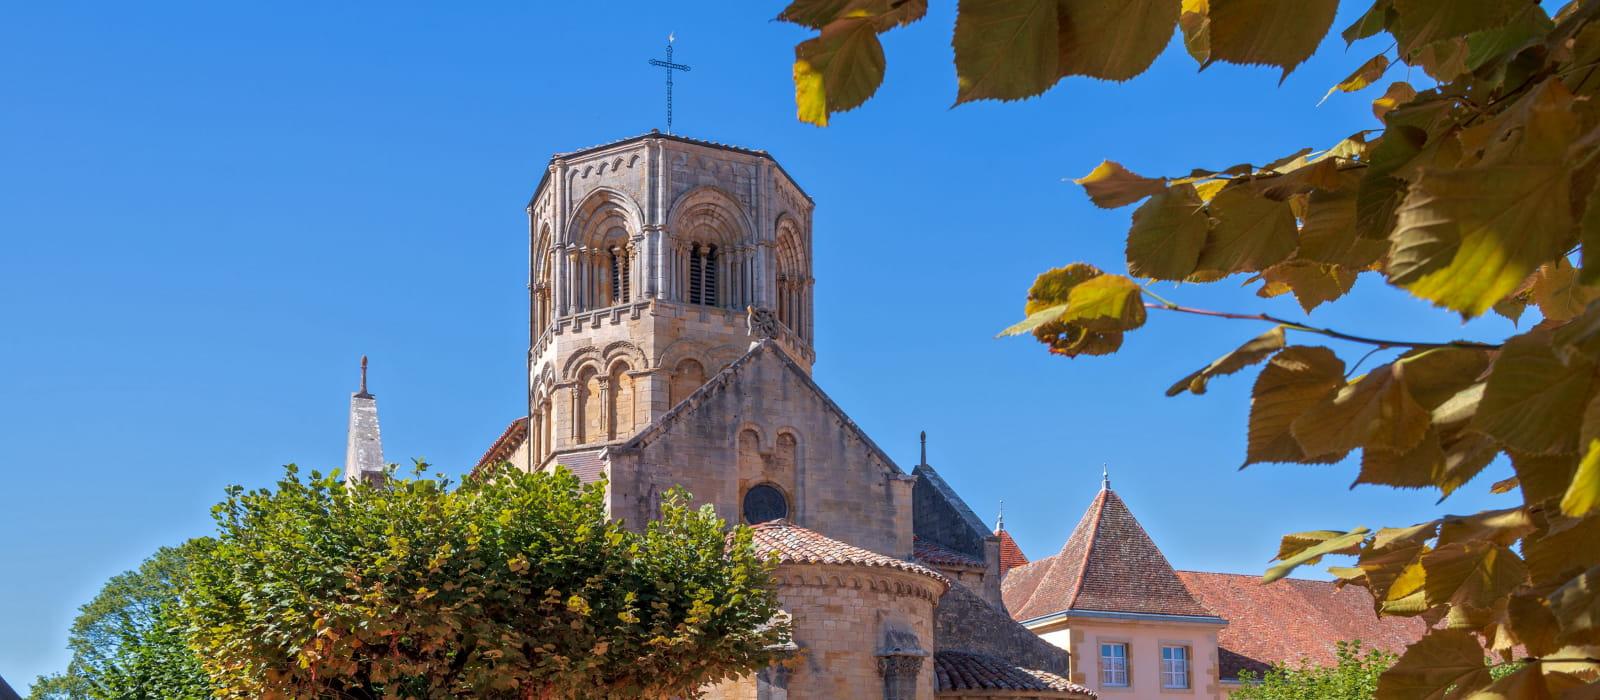 Collégiale Saint-Hilaire de Semur-en-Brionnais